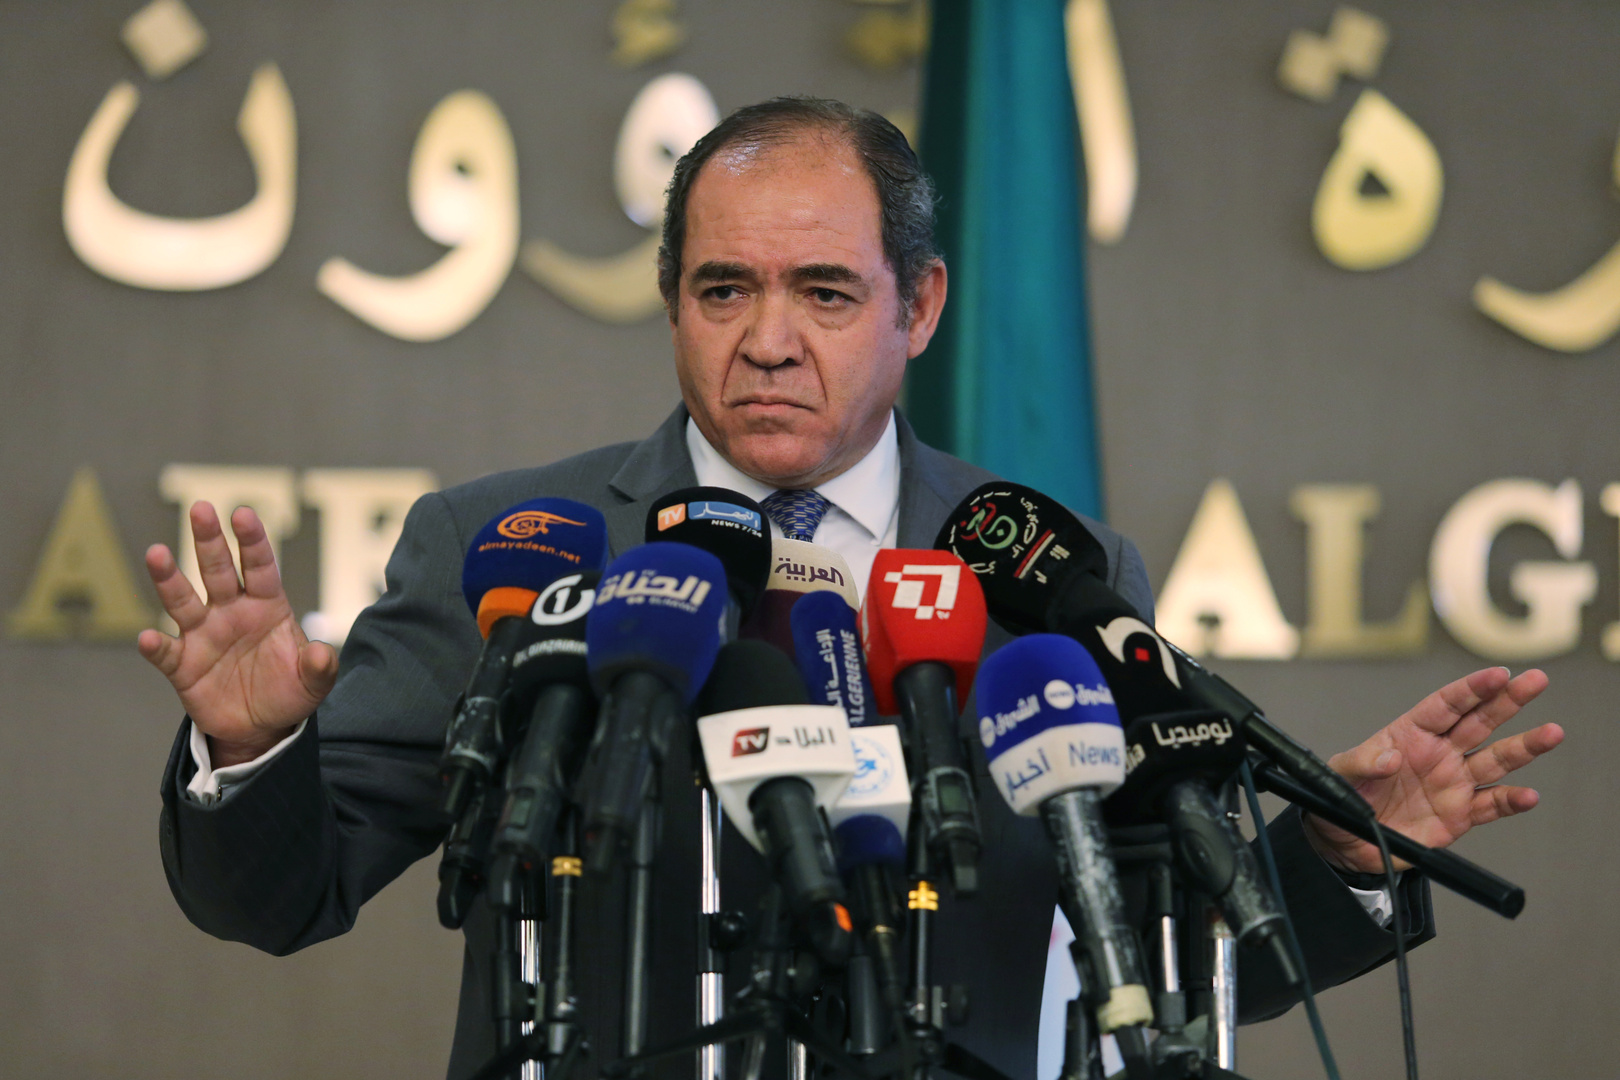 الجزائر: على مجلس الأمن الدولي أن يتخذ موقفا حازما لإنهاء الاحتلال في فلسطين